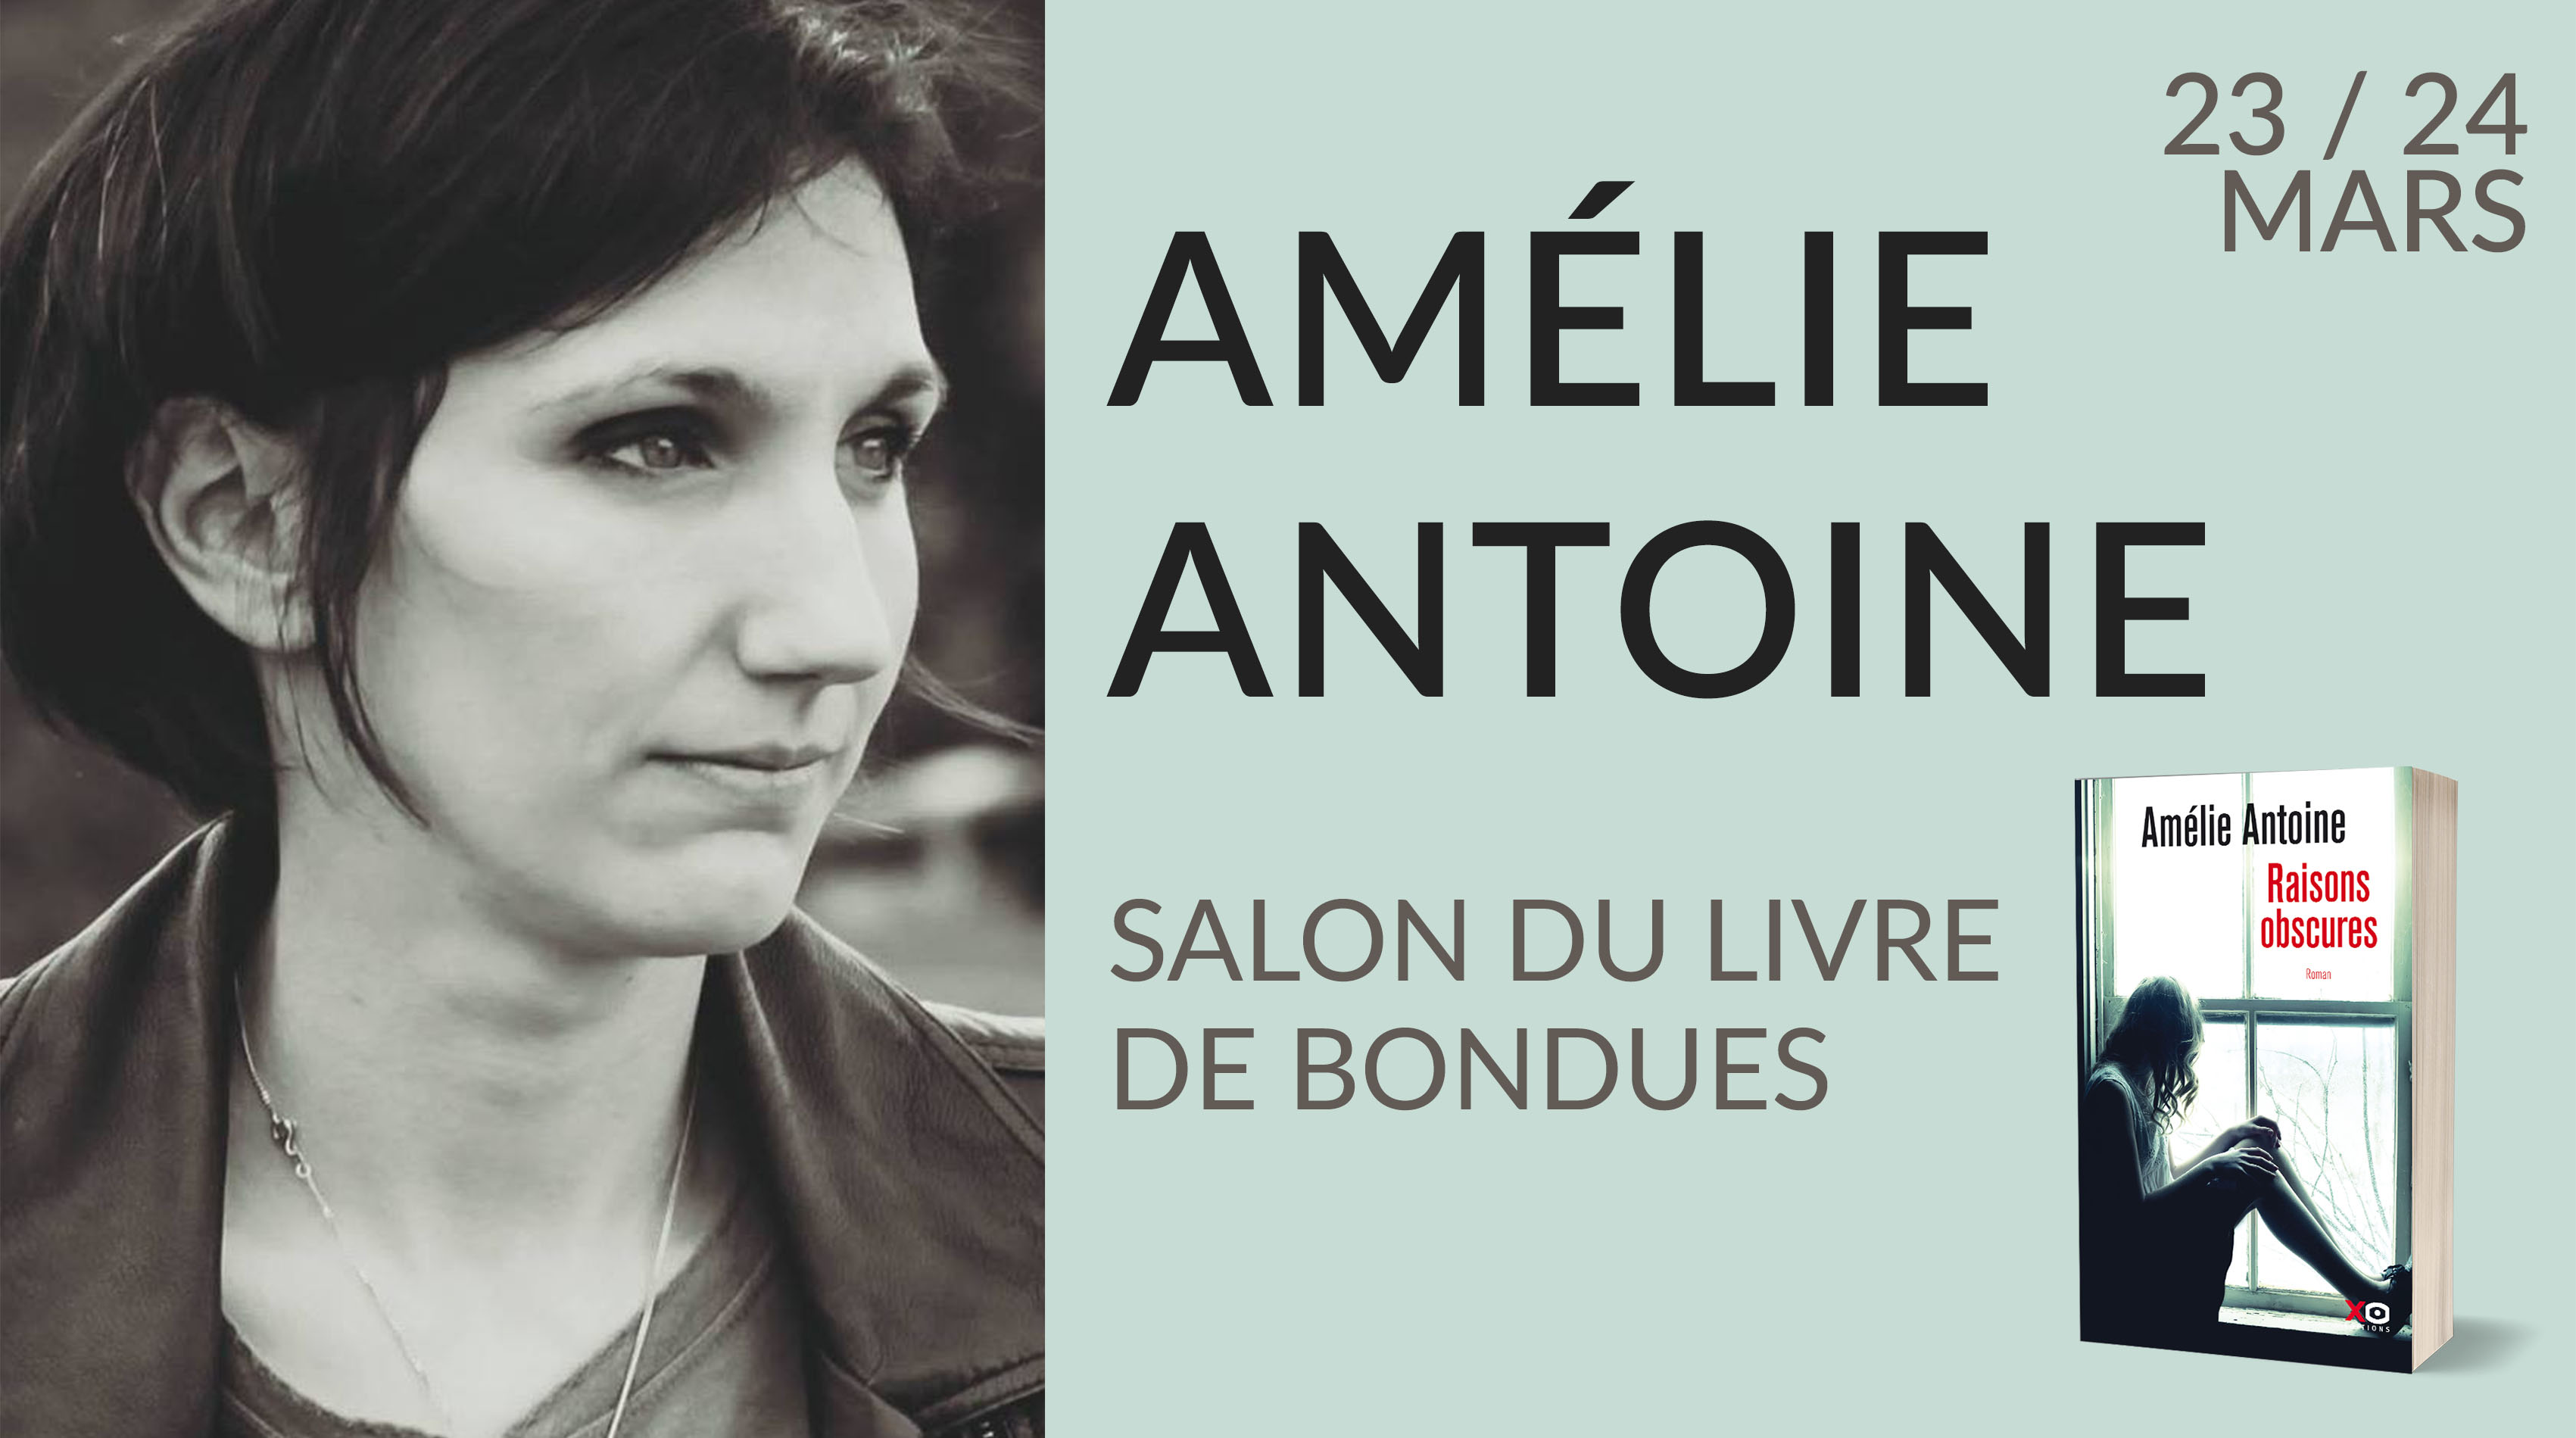 SALON DU LIVRE DE BONDUES - AMÉLIE ANTOINE